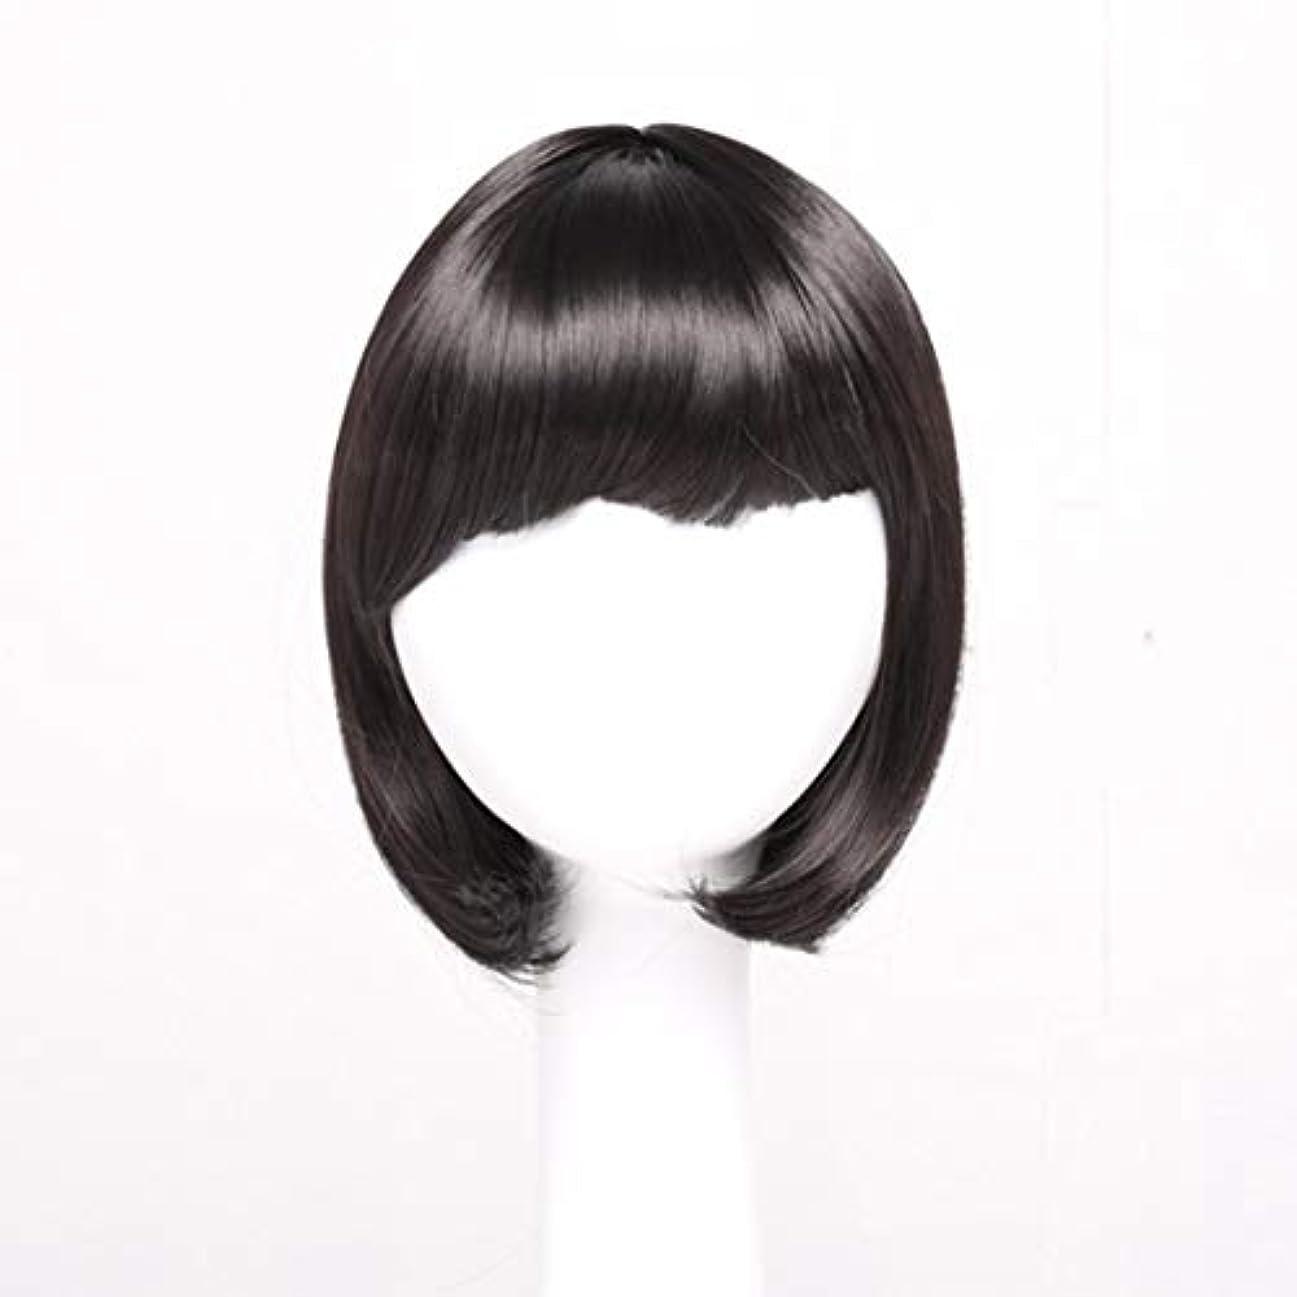 行かりて精査Summerys ショートボブの髪ウィッグストレート前髪付き合成カラフルなコスプレデイリーパーティーウィッグ本物の髪として自然な女性のための